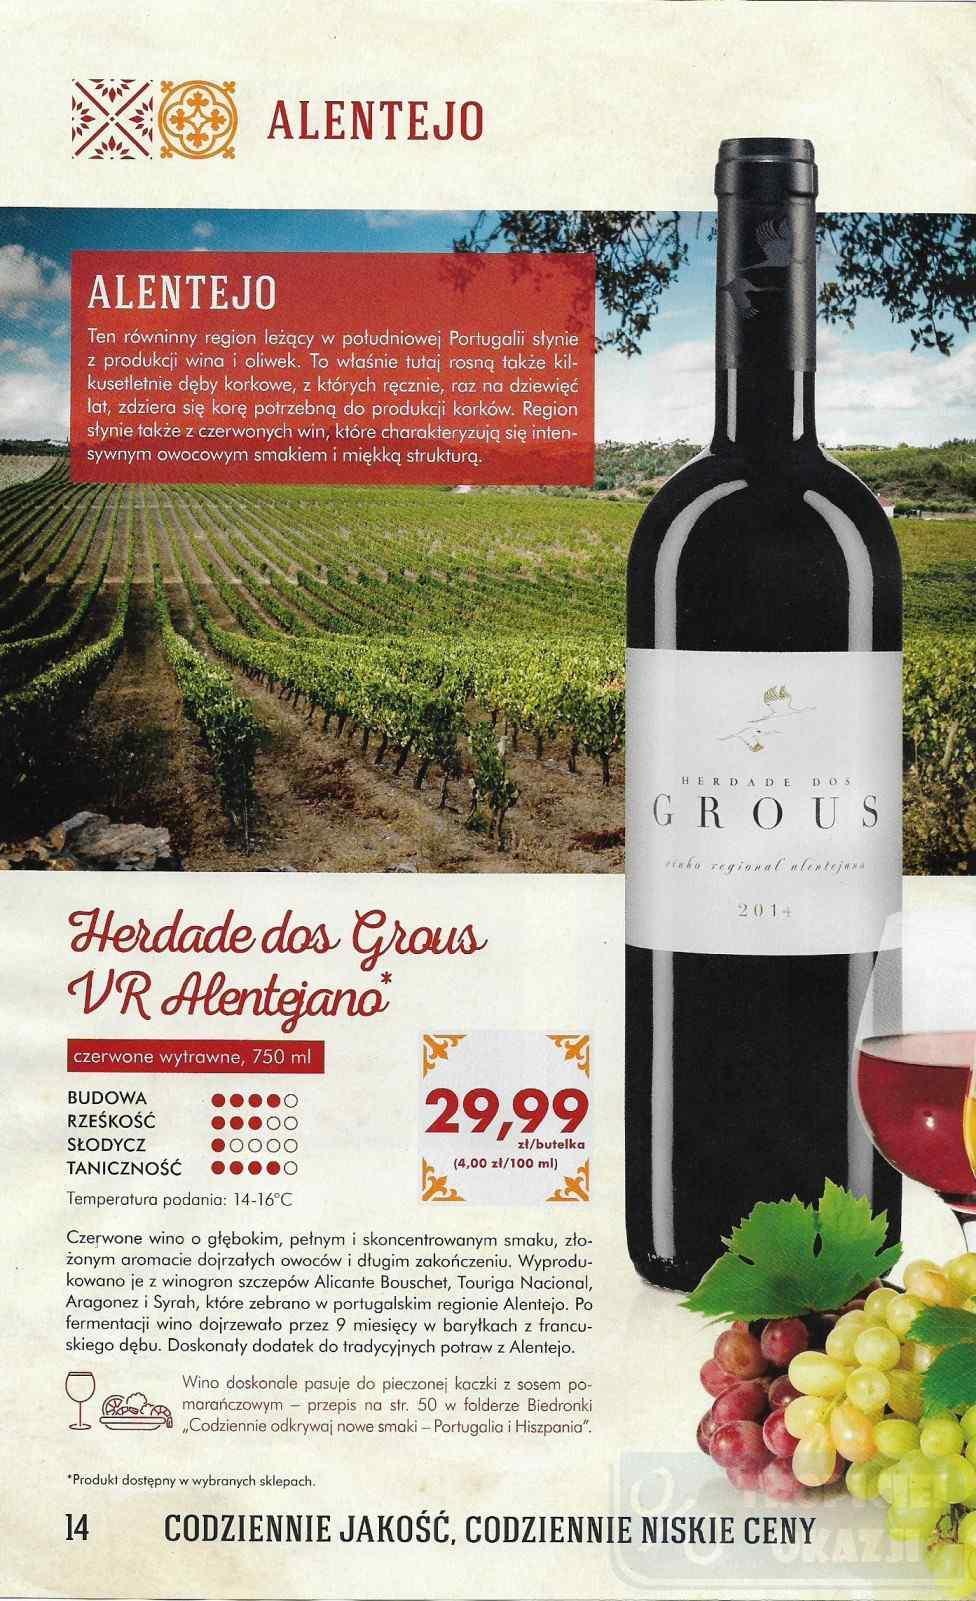 Gazetka Promocyjna I Reklamowa Biedronka Wina Portugalii I